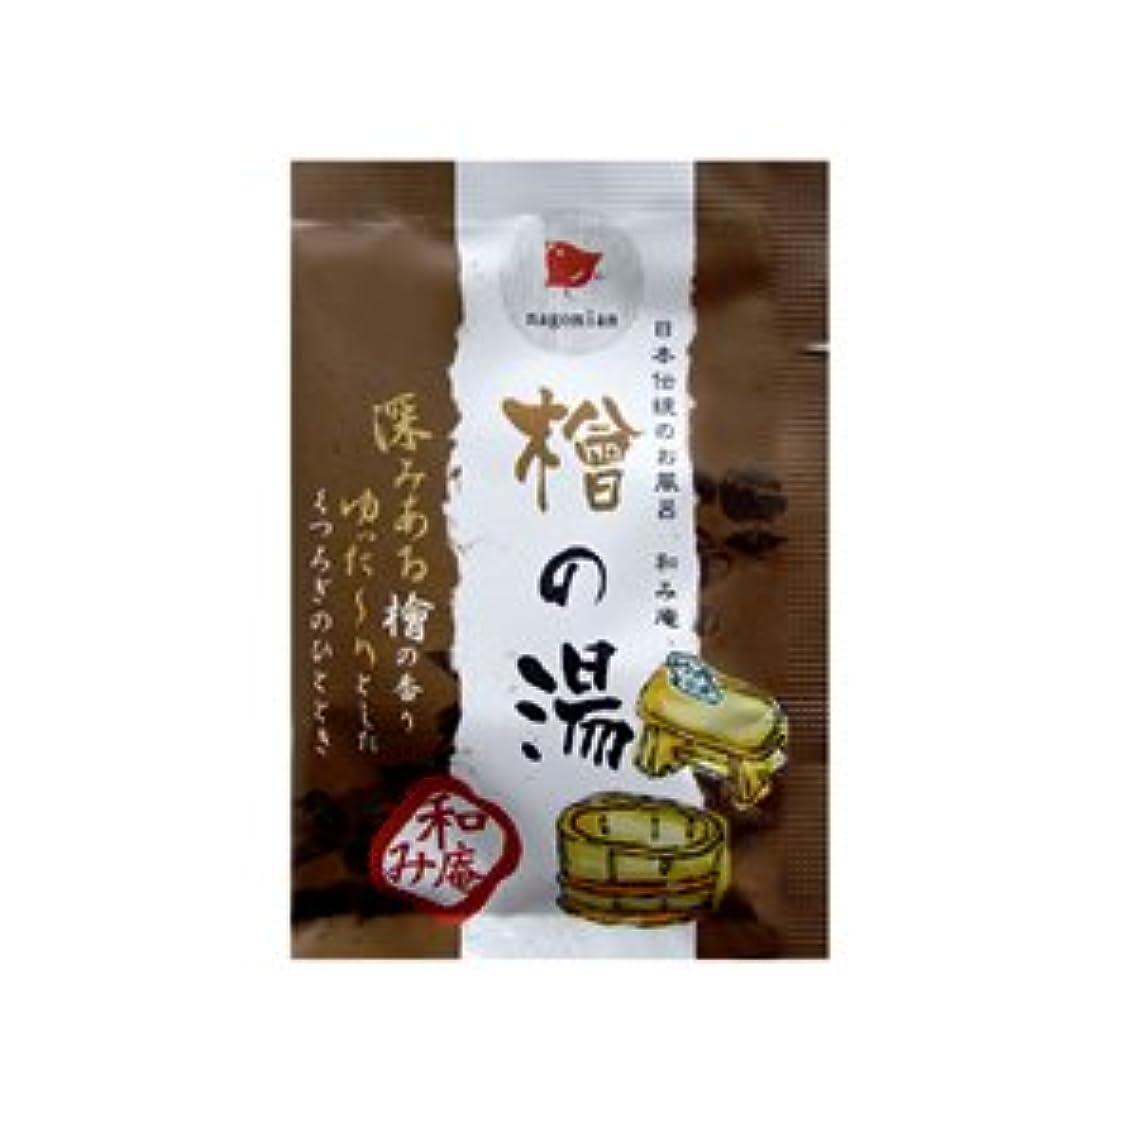 封筒盟主しなやかな日本伝統のお風呂 和み庵 檜の湯 25g 10個セット